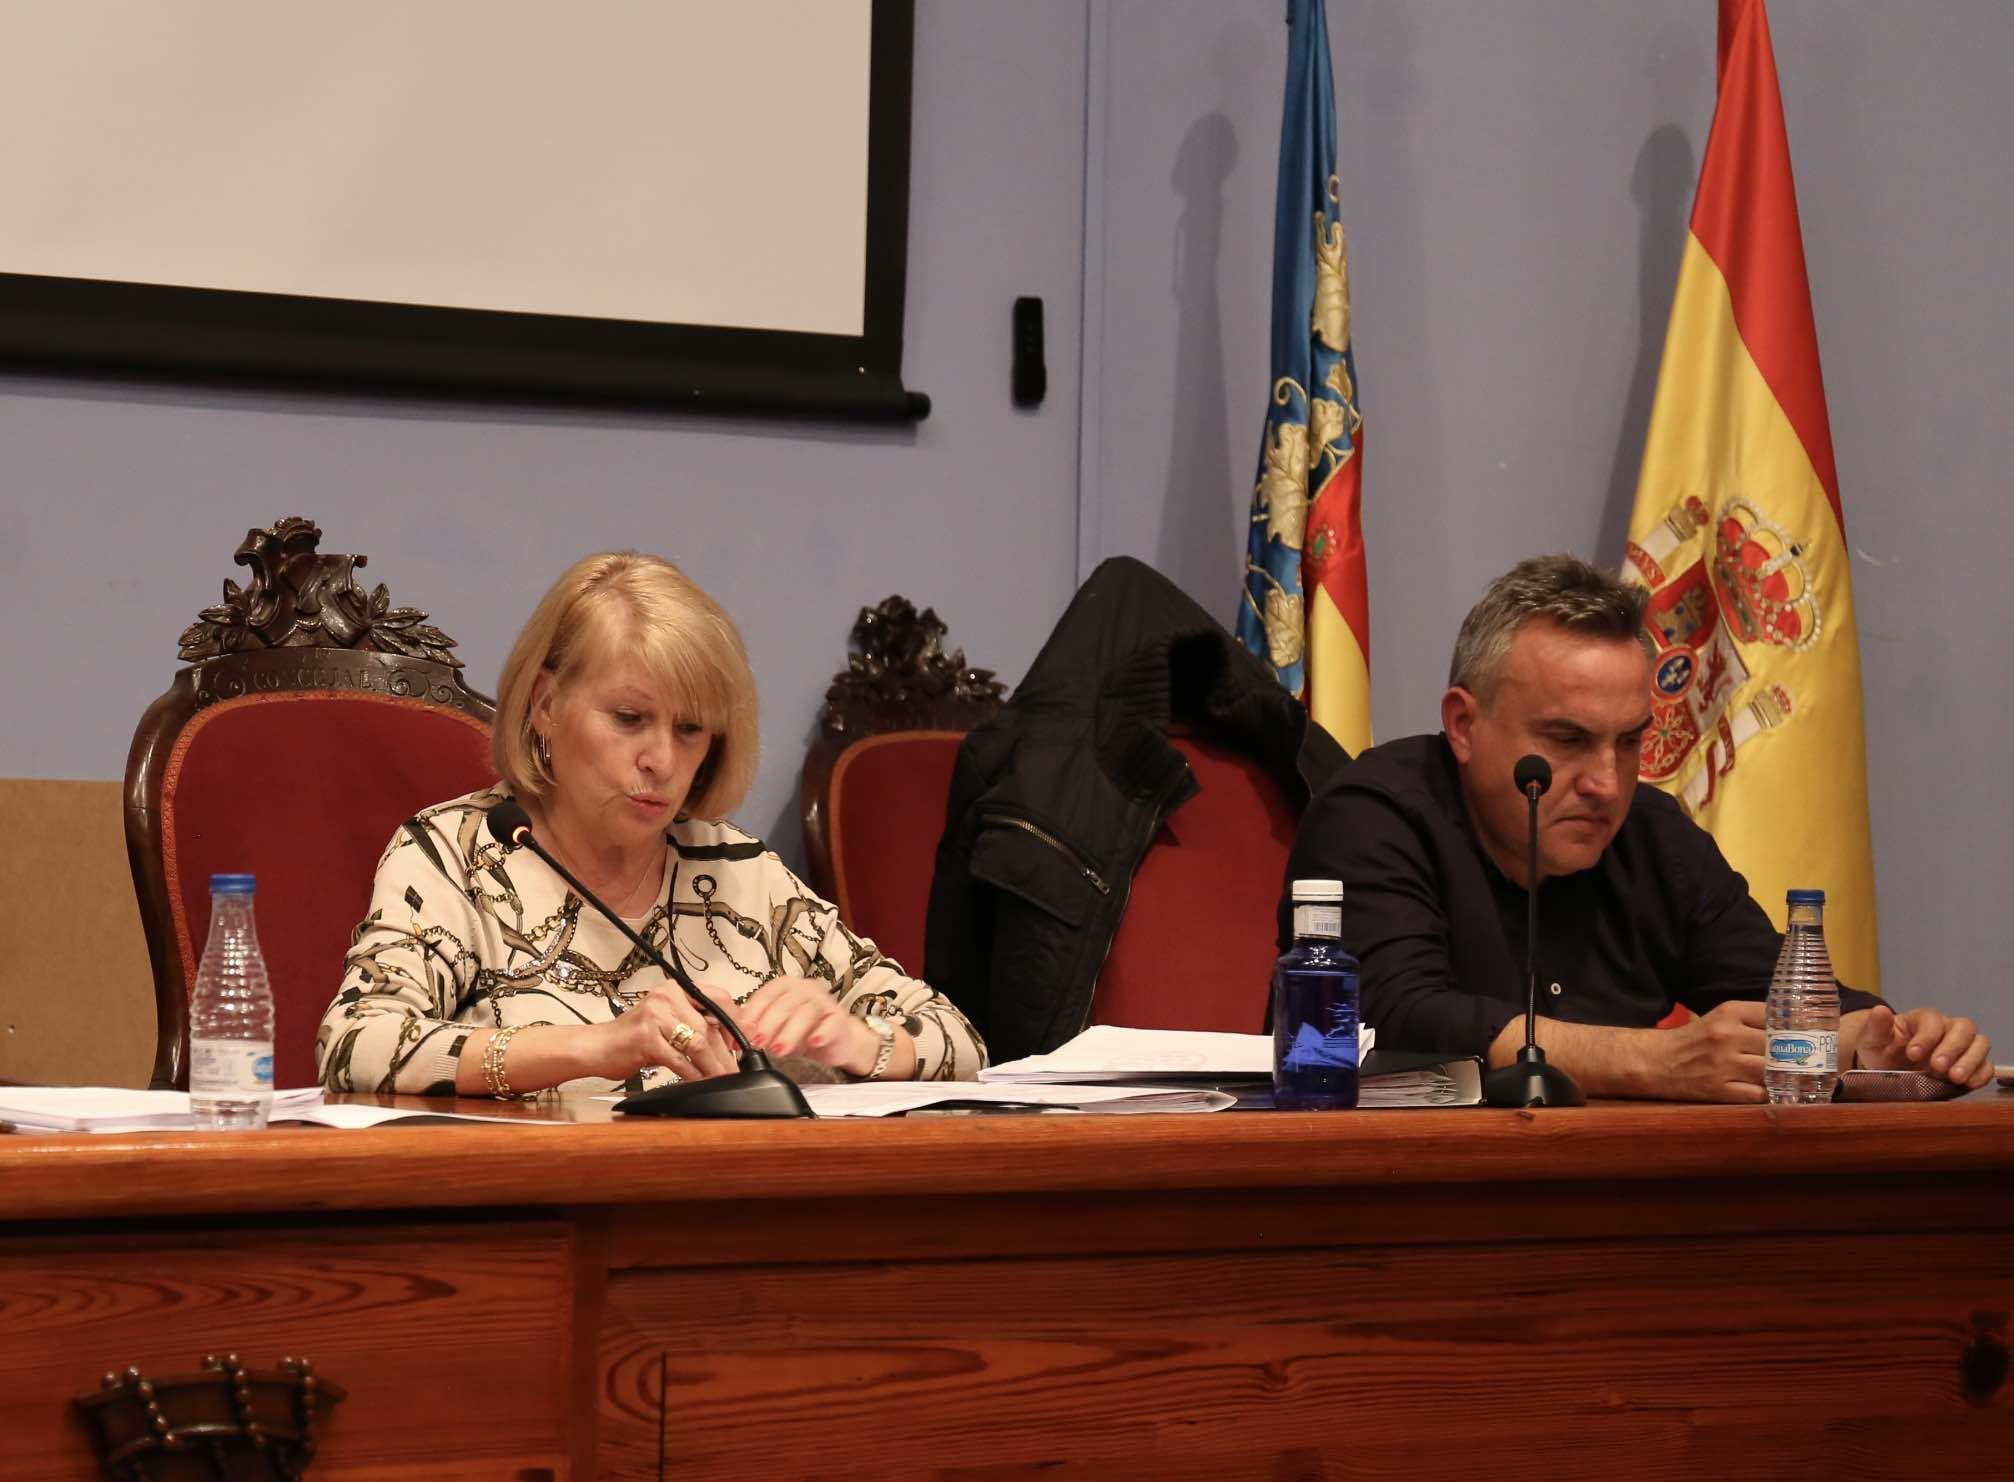 La concejala encargada de organizar en Cheste las actividades paralelas al Gran Premio de Motociclismo, Carmen Delgado.